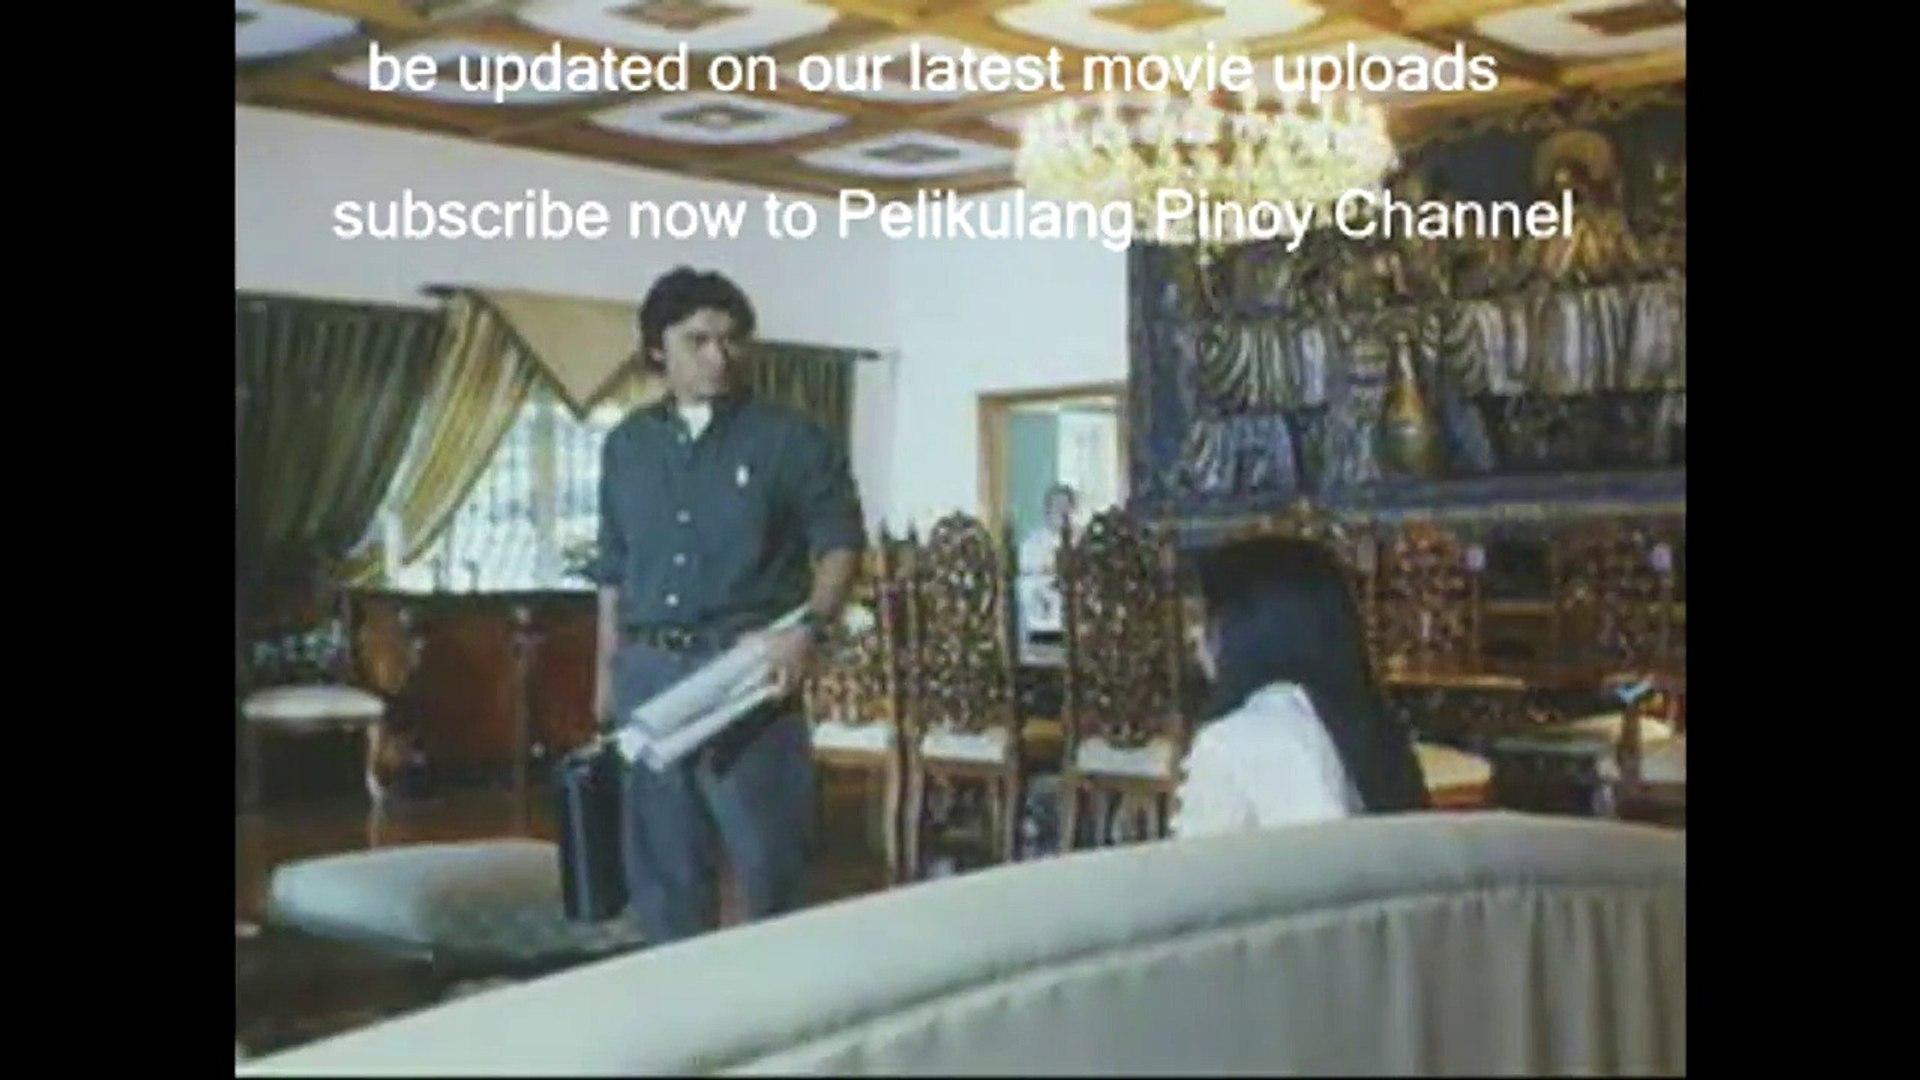 Ang Kapitbahay 2003 Tagalog Movie ang kapitbahay (2003) - video dailymotion